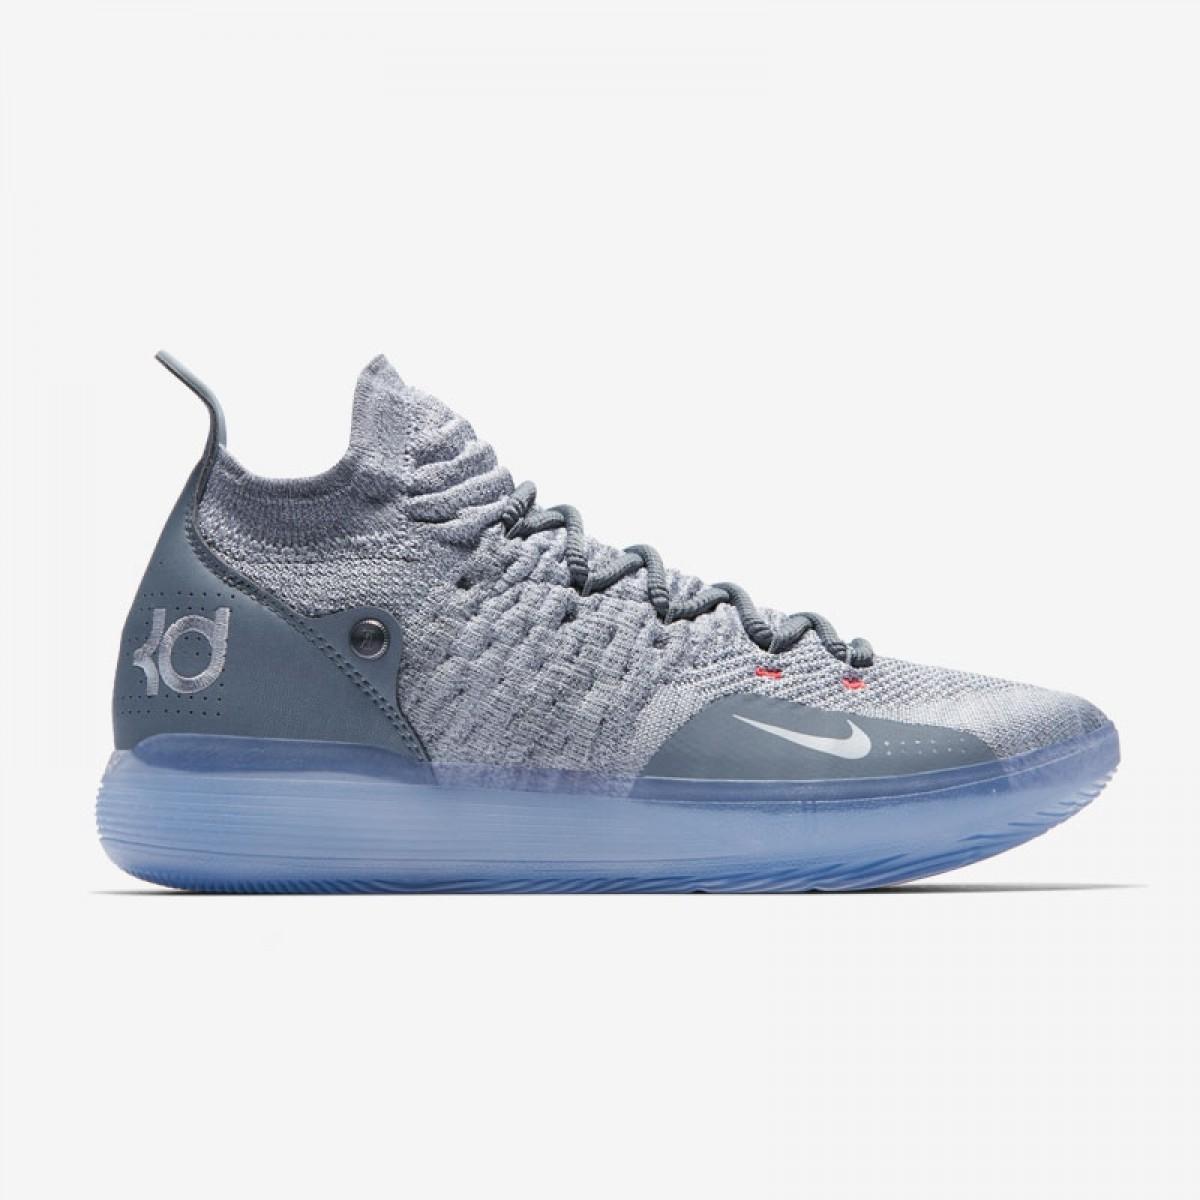 Nike KD 11 'Cool Grey'